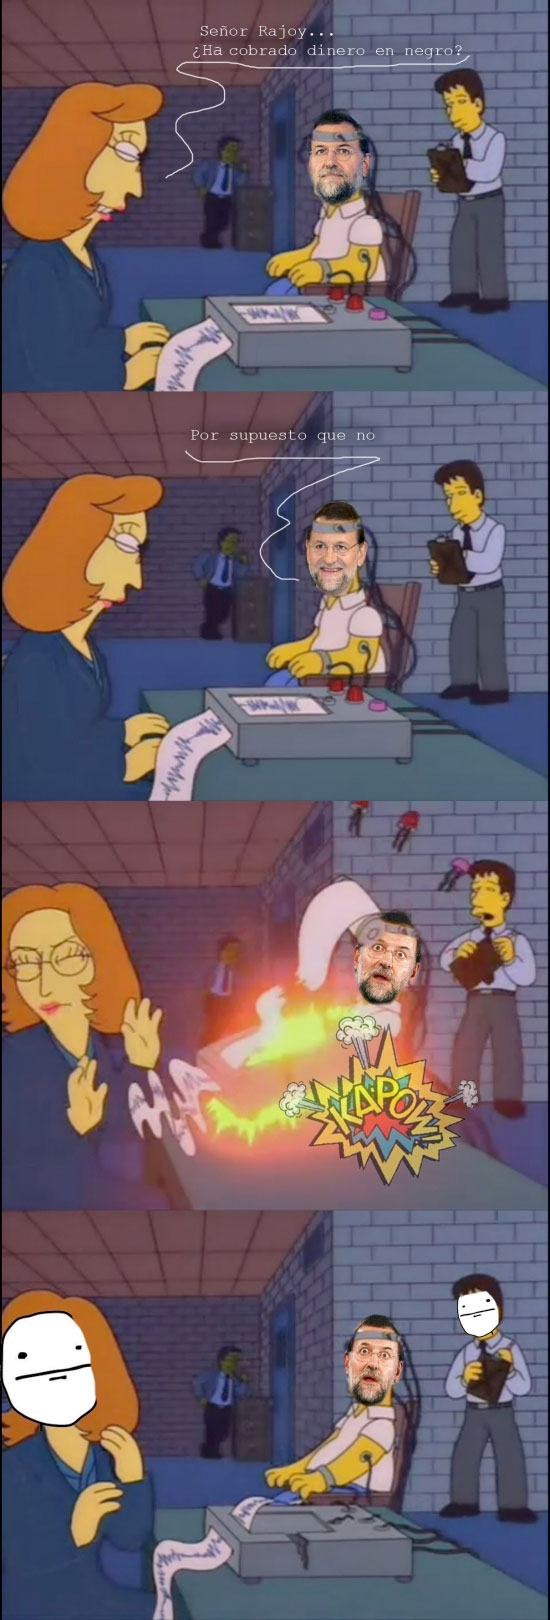 Pokerface - Rajoy y el Polígrafo